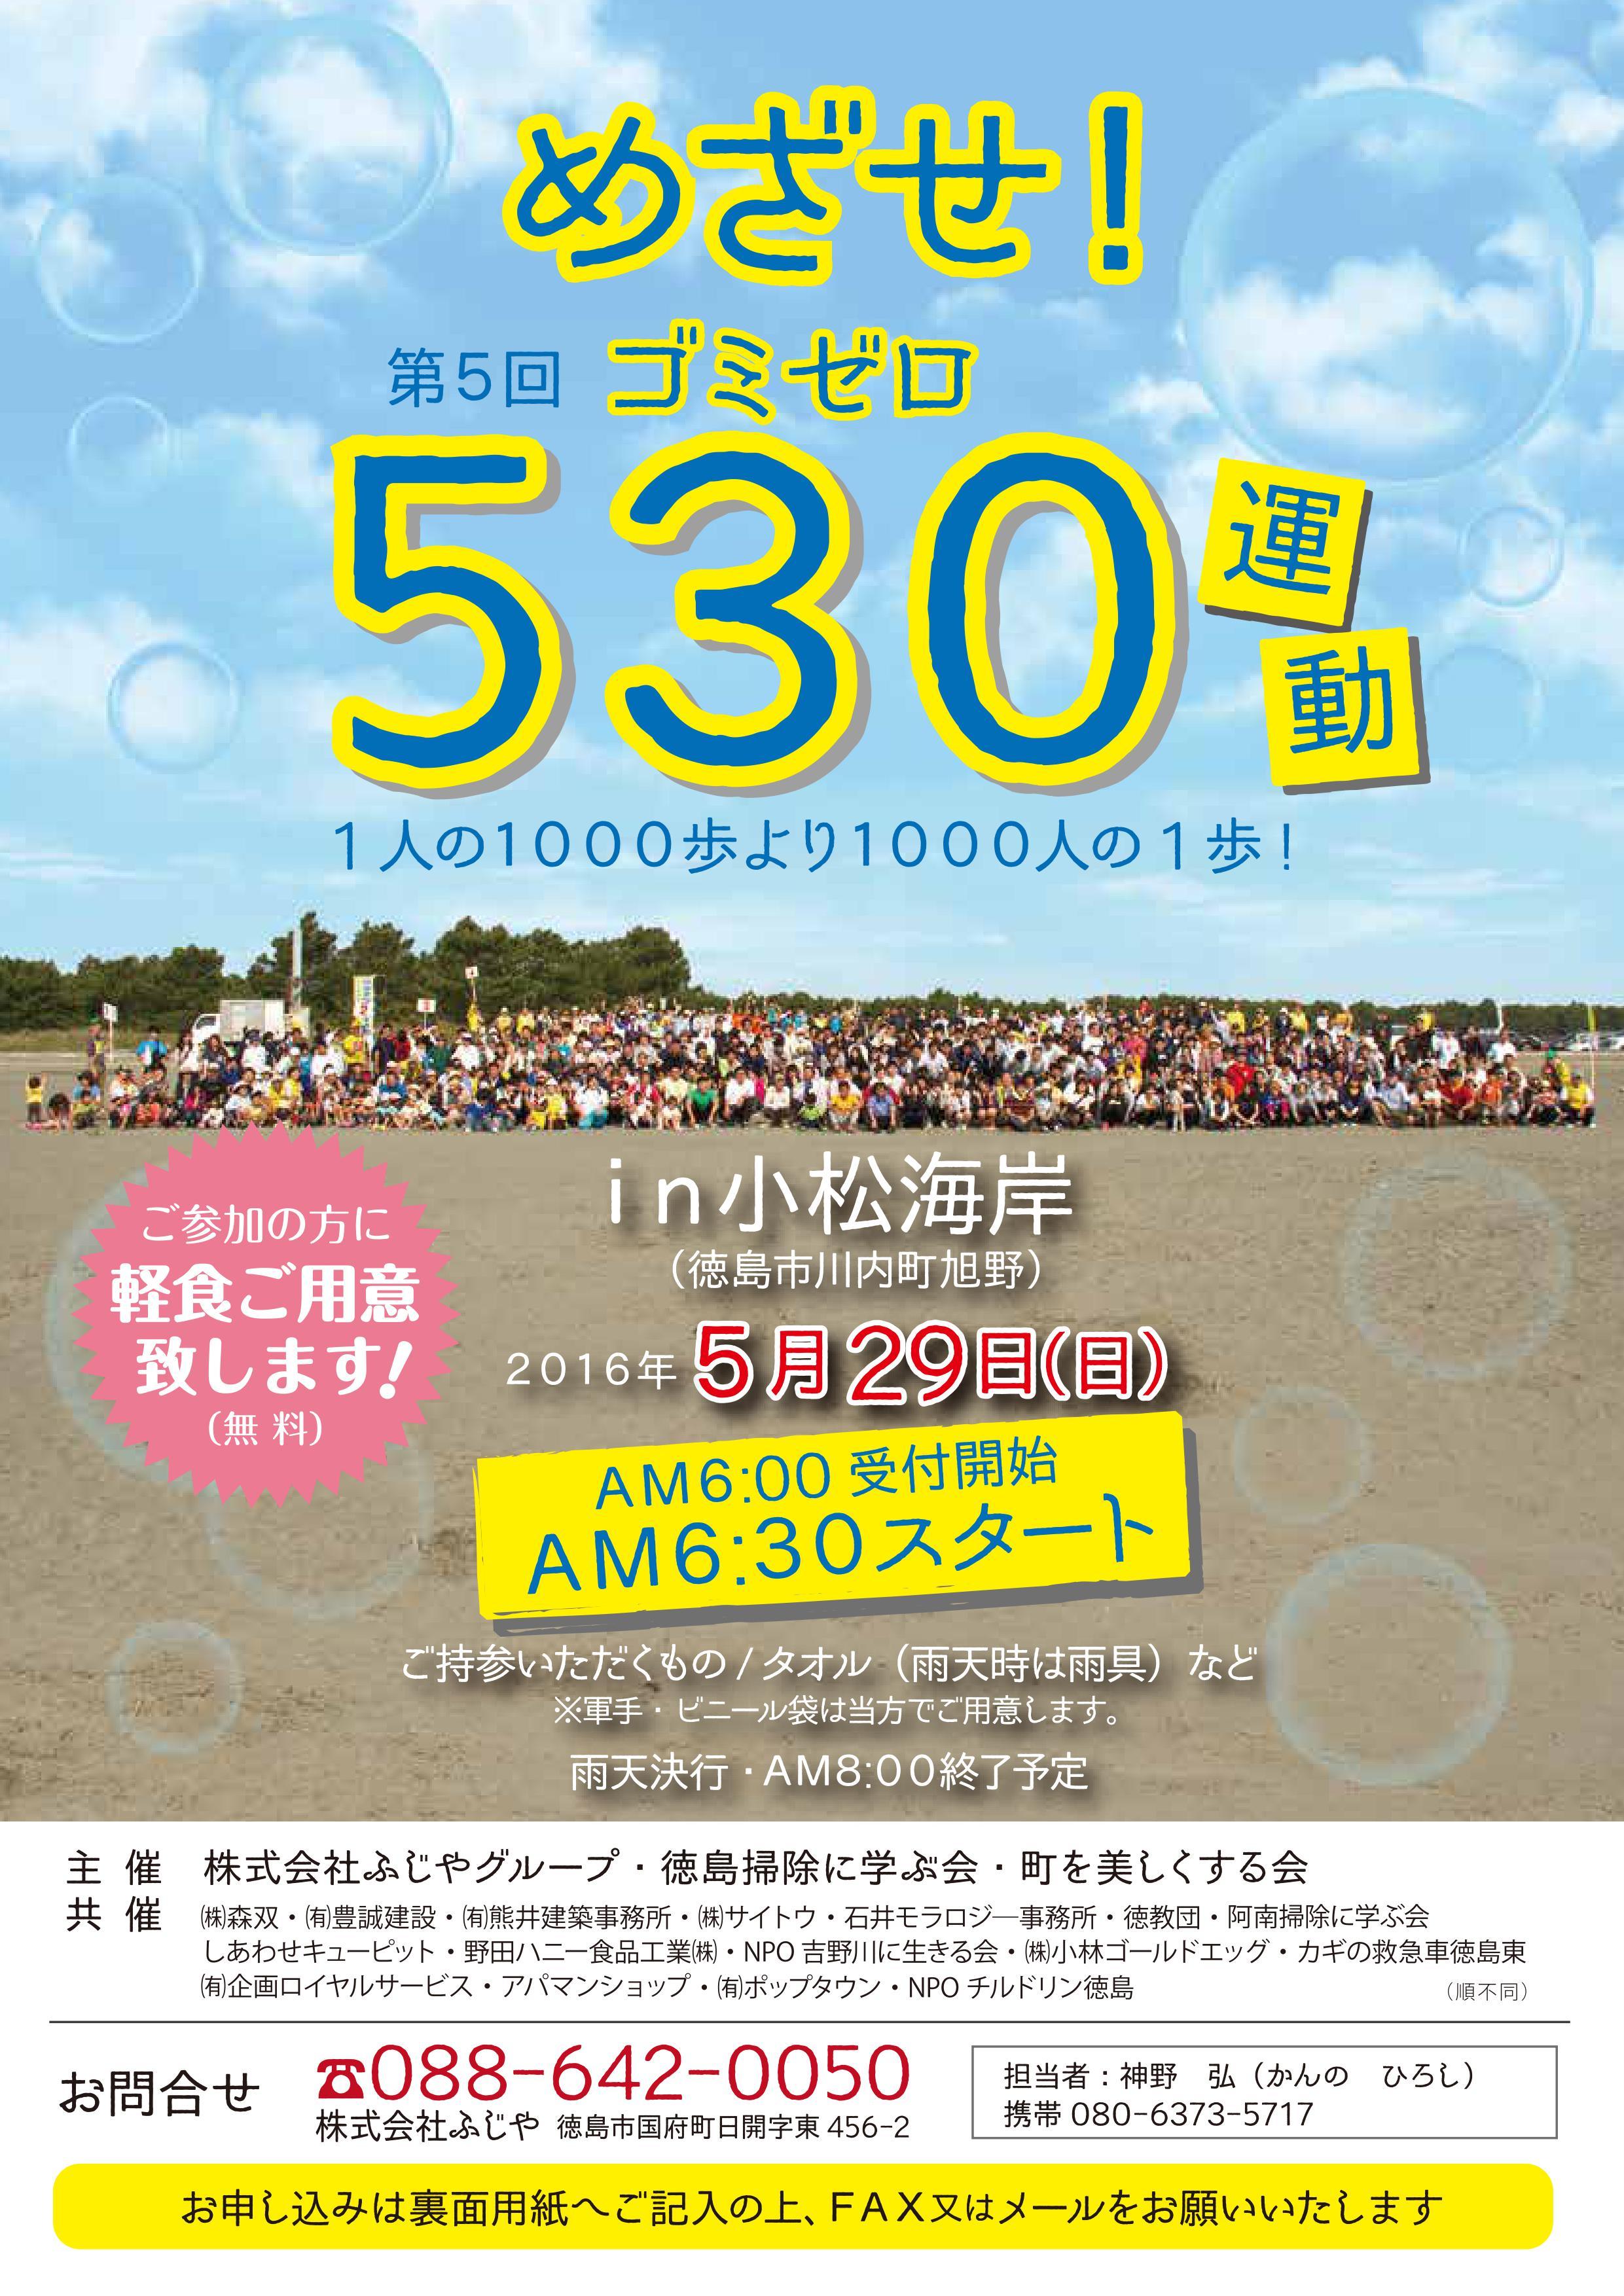 530☆ゴミゼロ~すがすがしい朝を迎える最高のイベントがここに!~